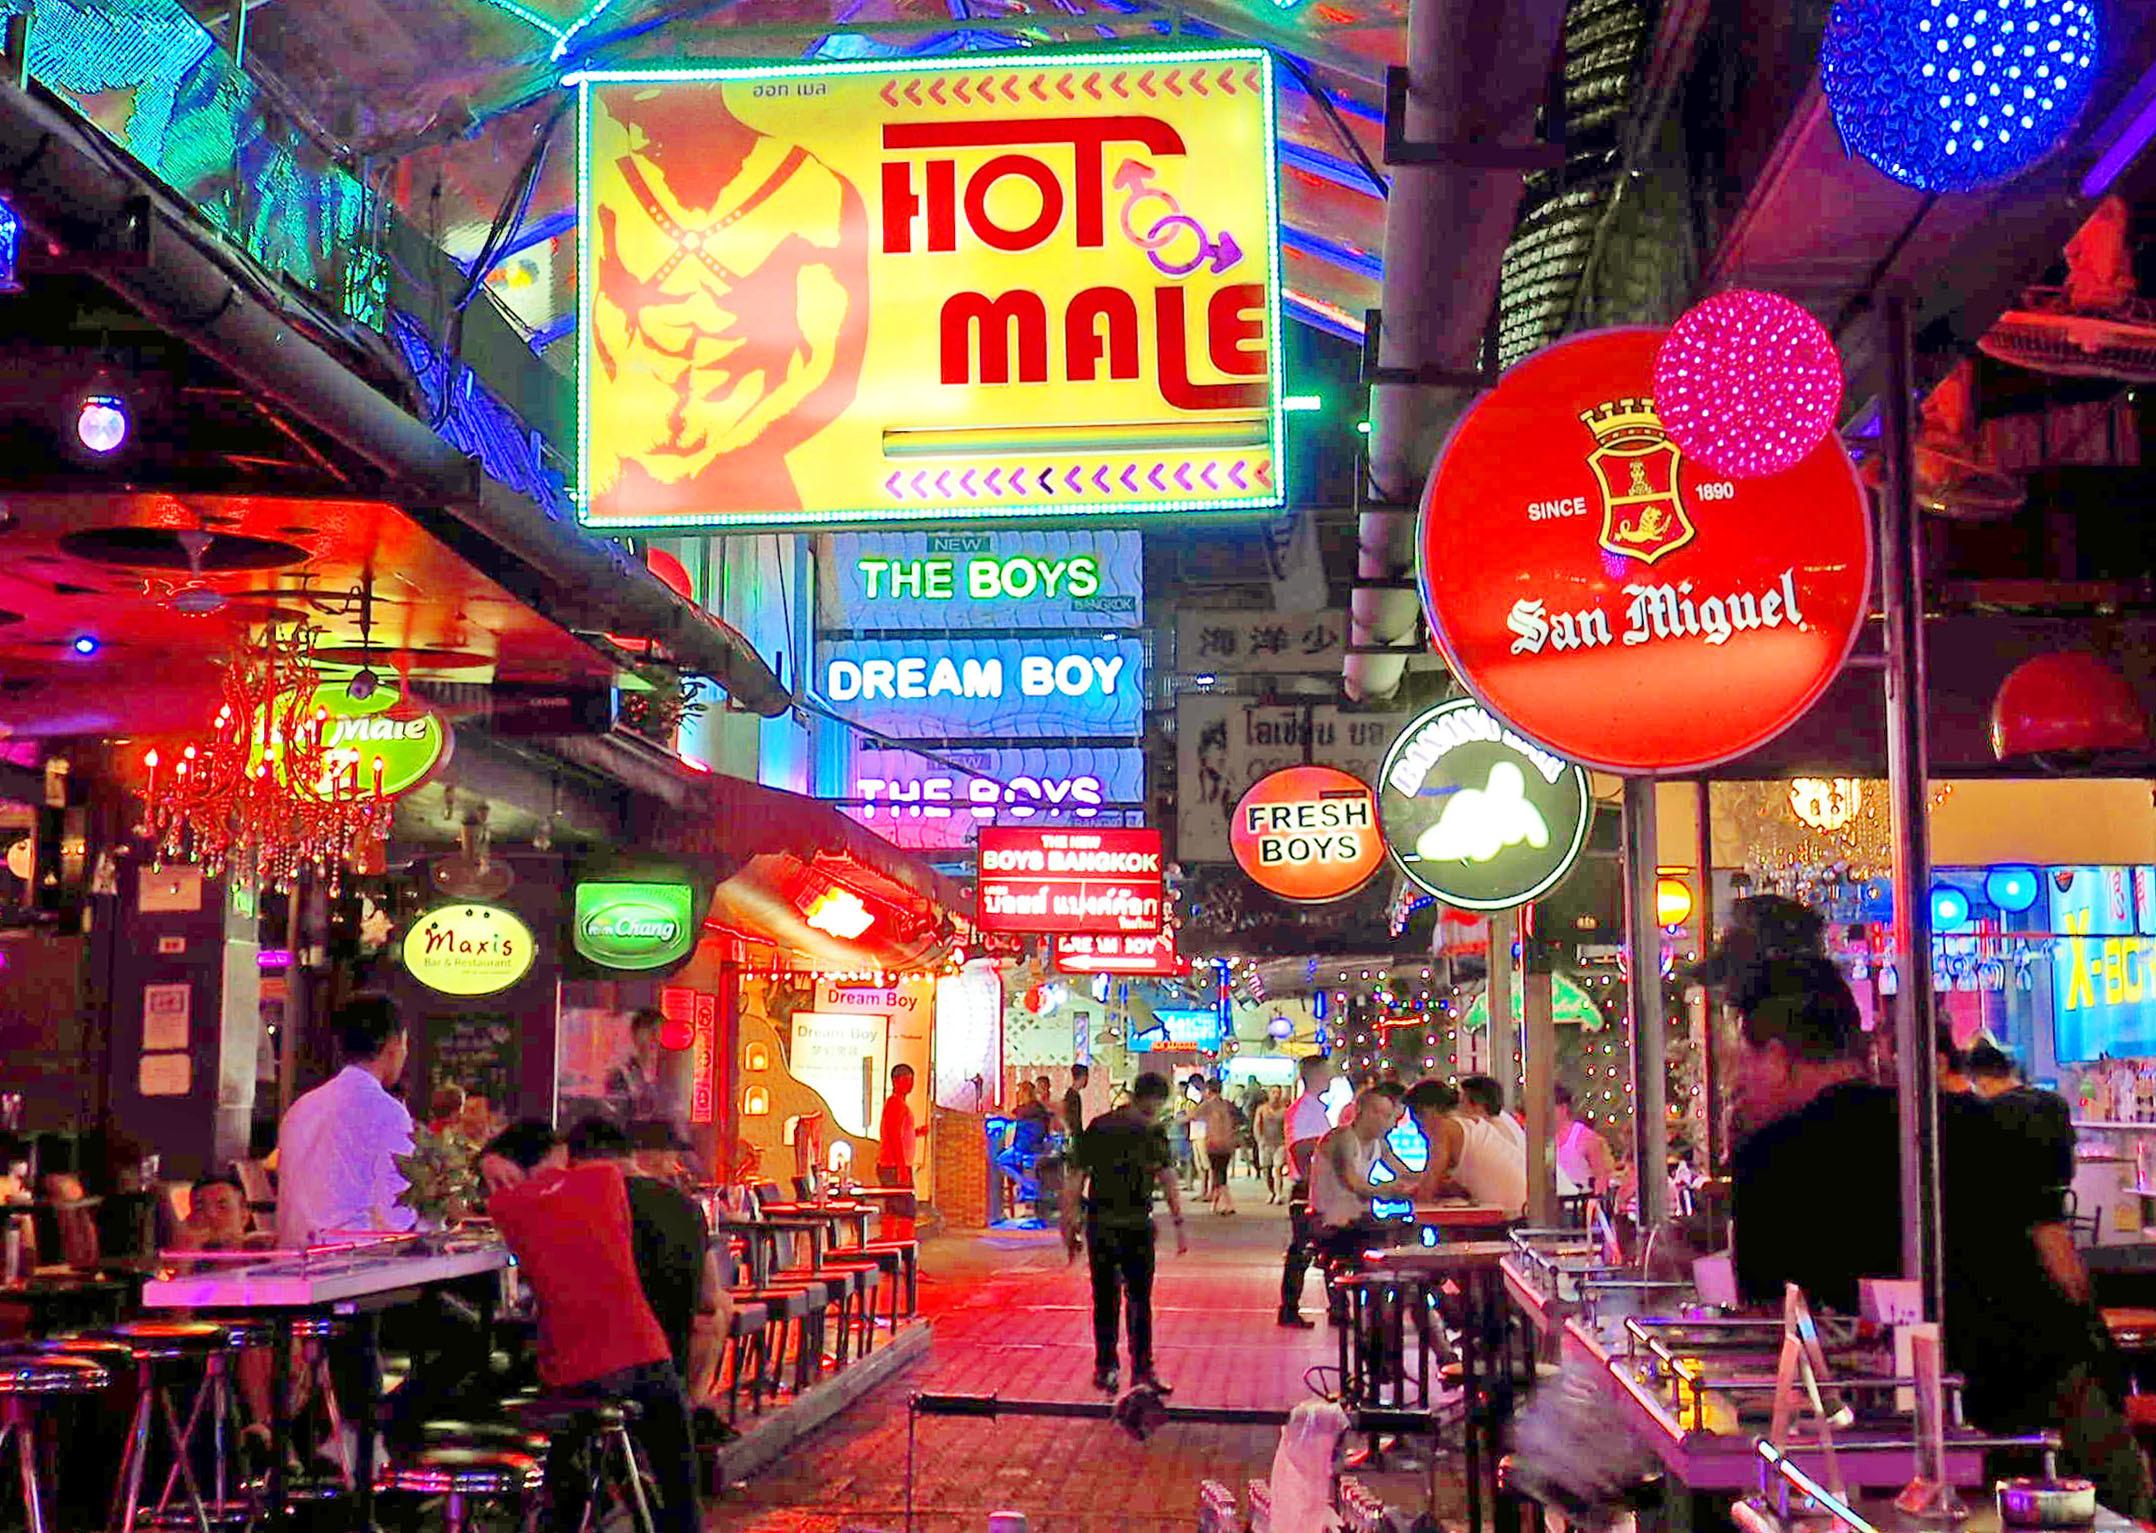 ゲイバーが立ち並ぶ「トワイライト通り」。昼間は人けが少ないが、夜は多くの看板が輝き活気づく=バンコク(撮影・浮ケ谷泰、共同)